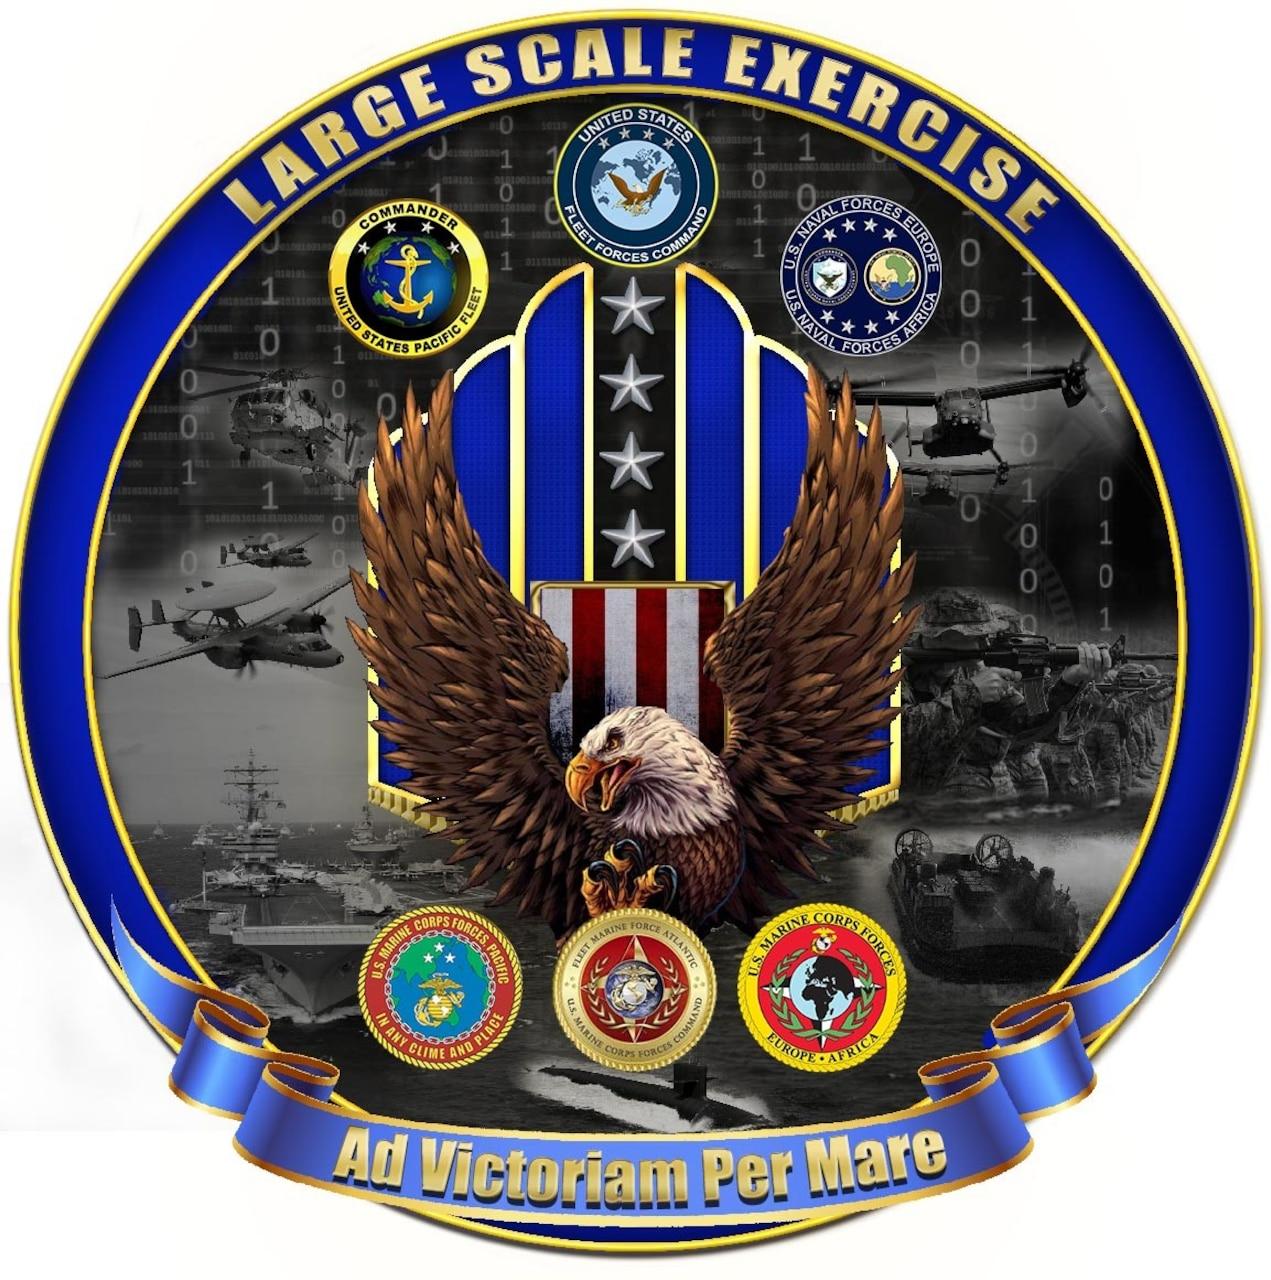 Large Scale Exercise 2021 logo